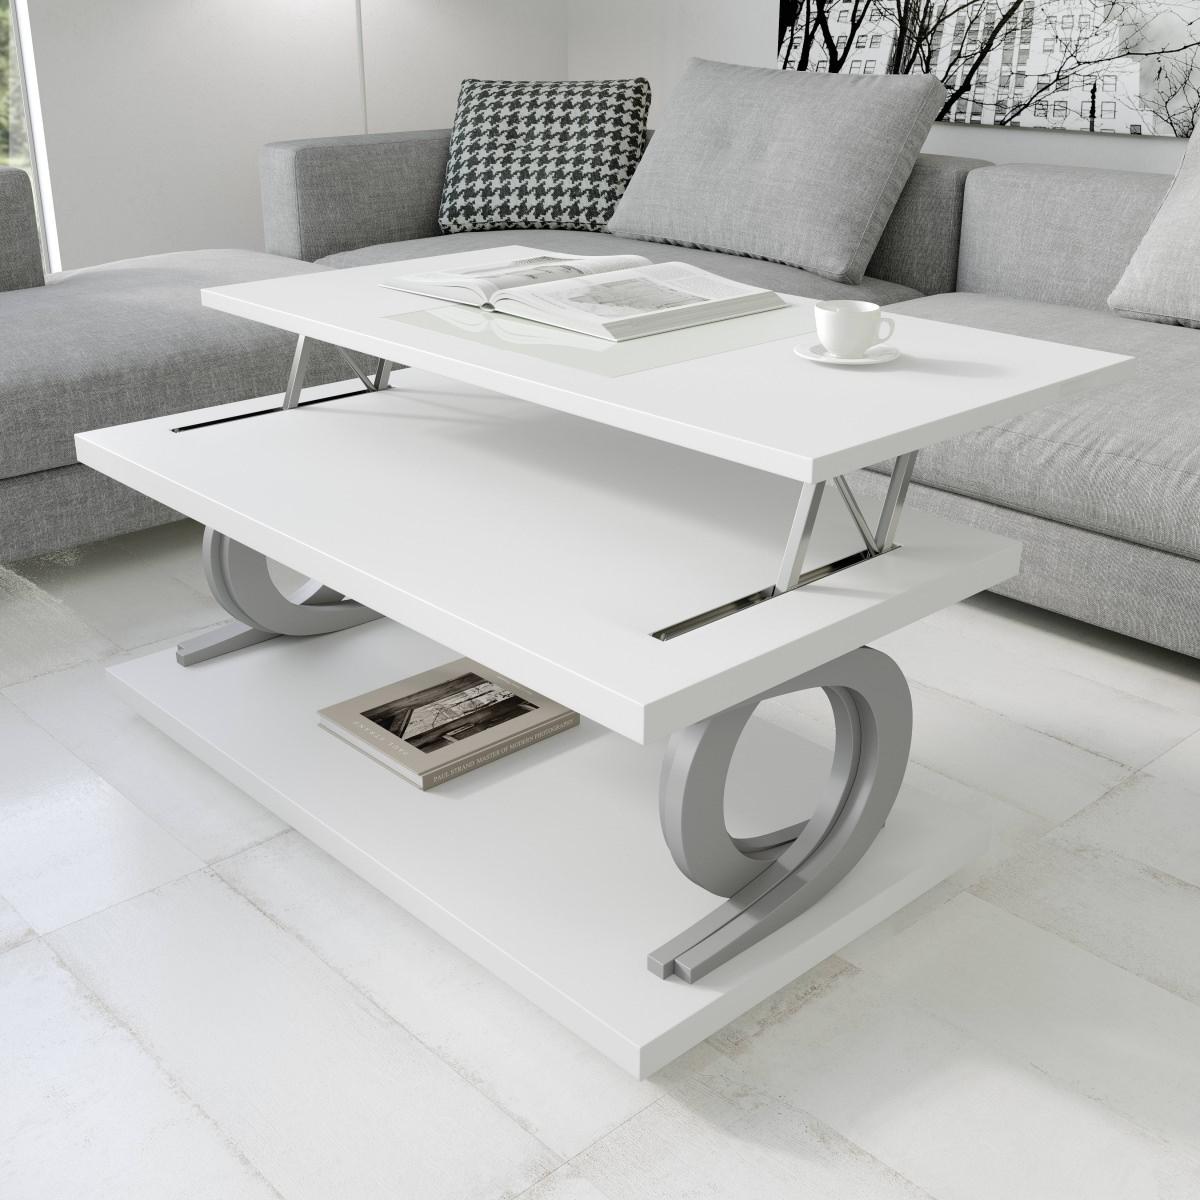 Журнальный стол NORA 2057 Blanco/Plata Disemobel